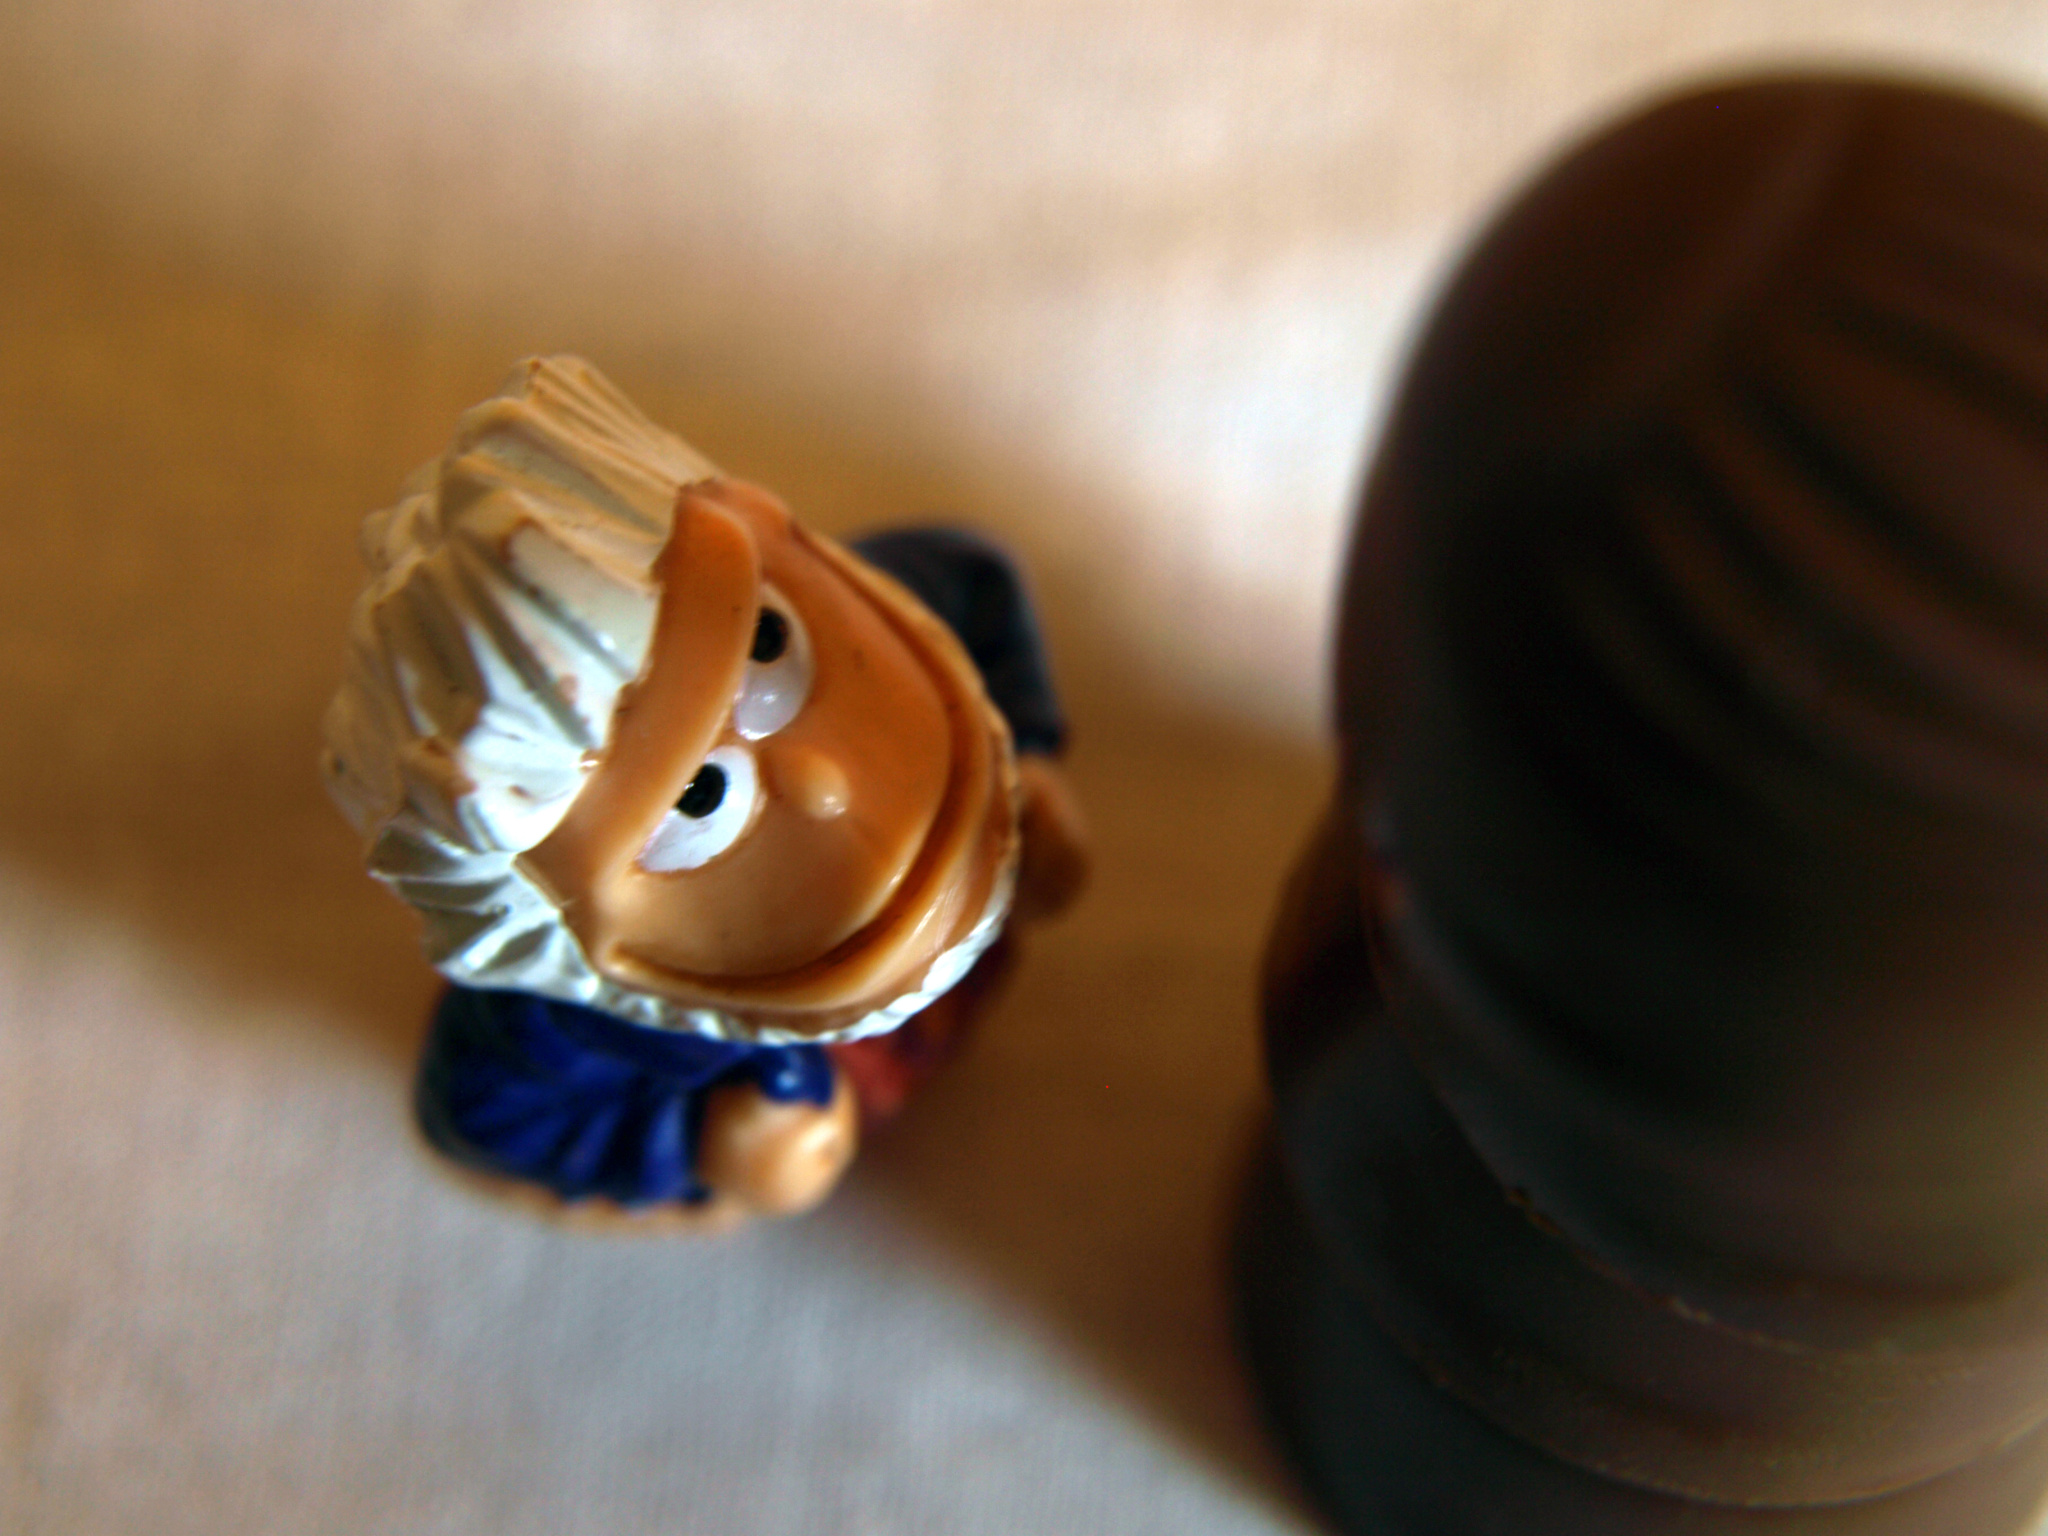 Zabavte děti i sebe: nafoťte fantastická dobrodružství hraček v pohodlí domova